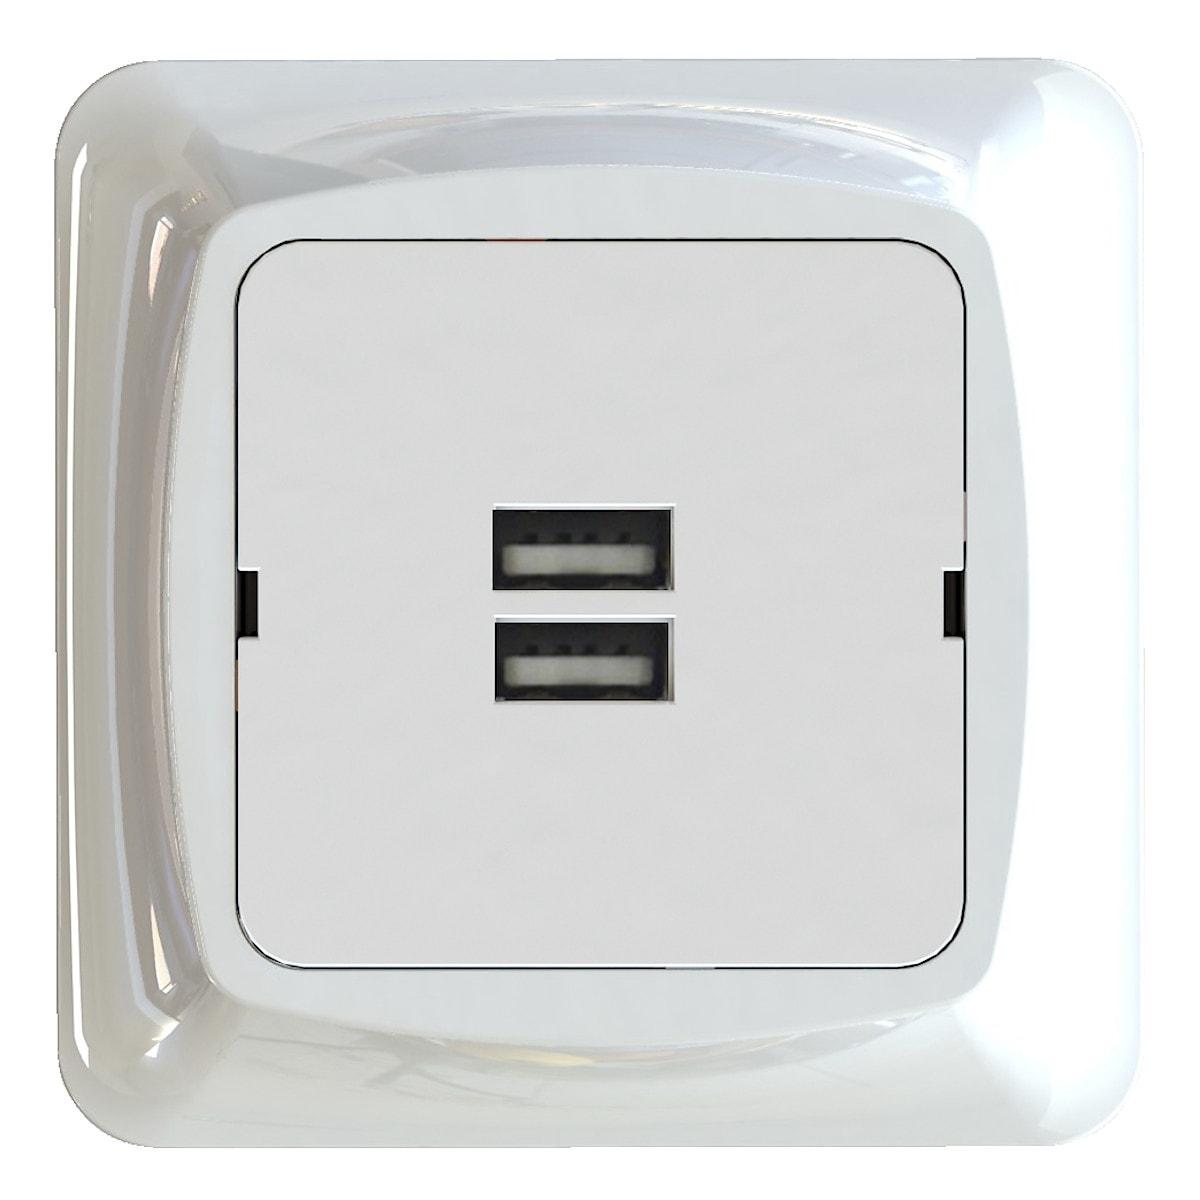 USB-uttak for innfelling